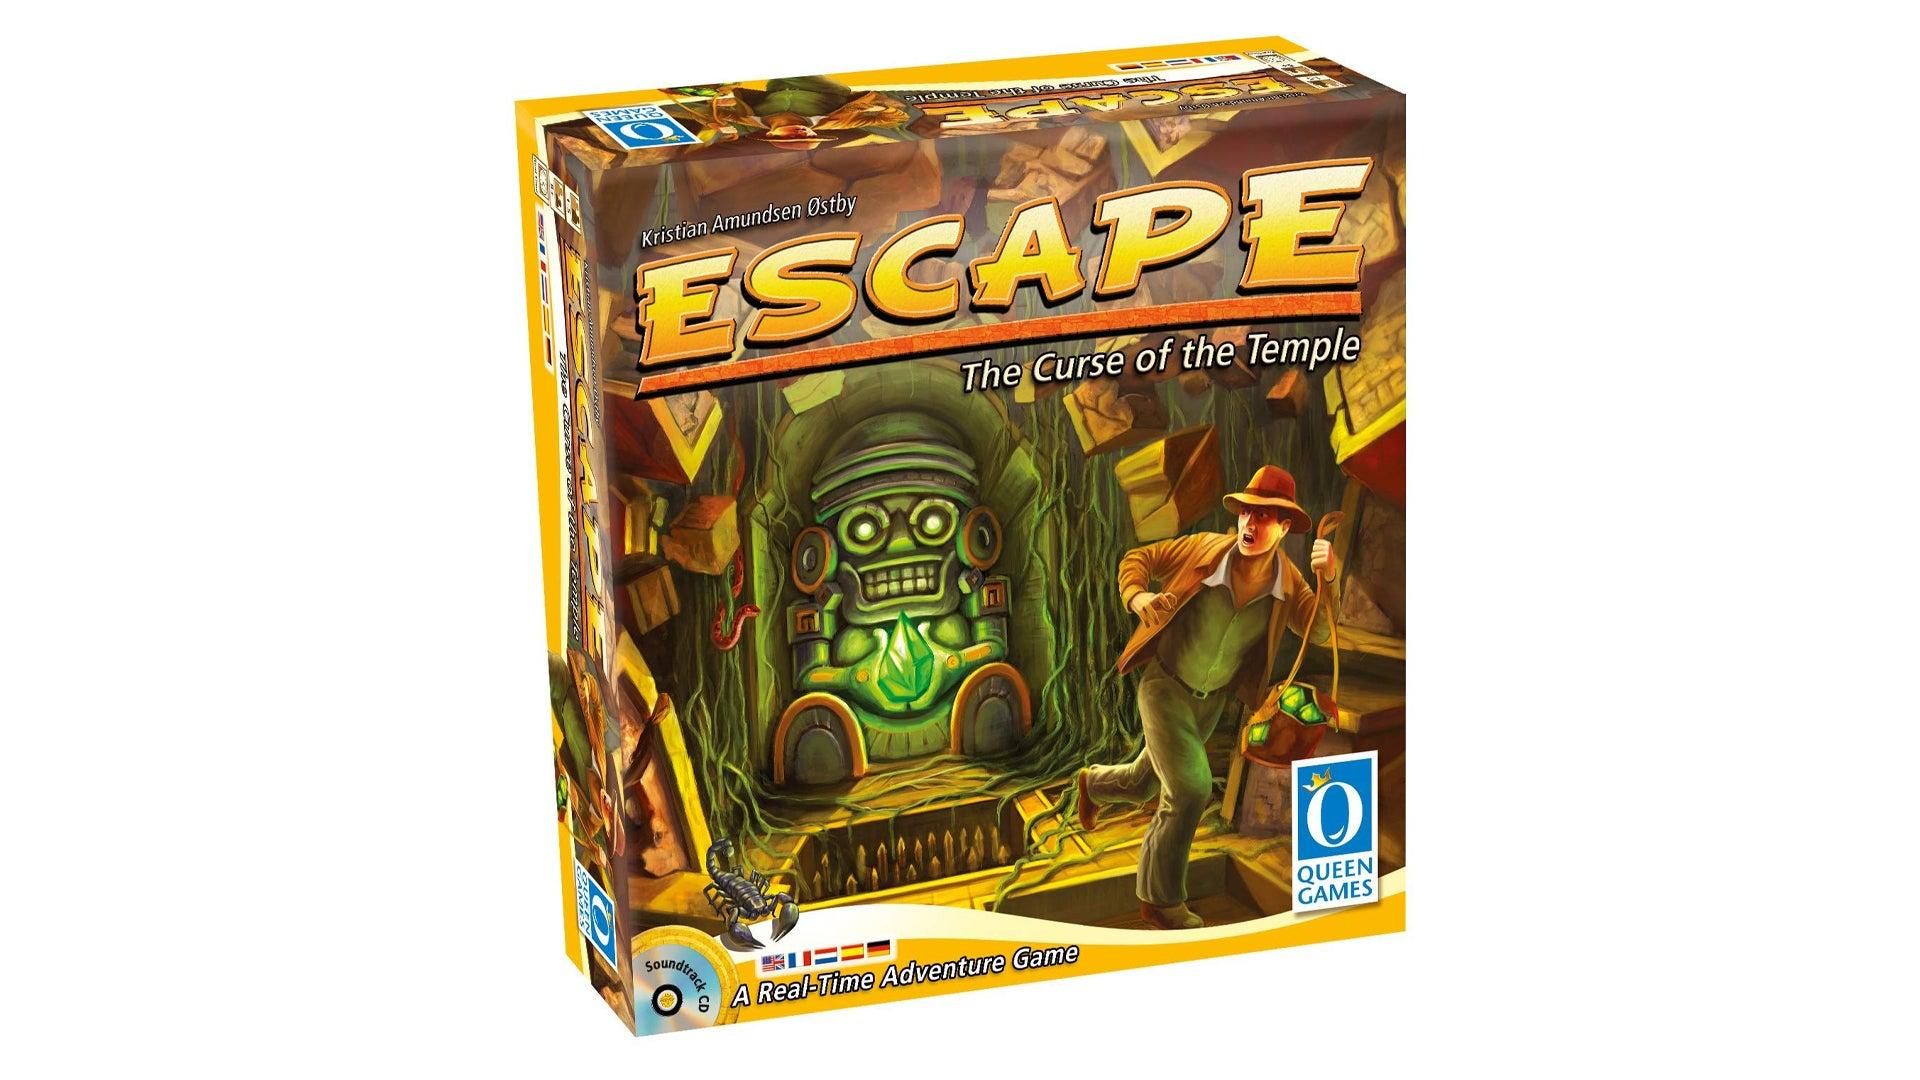 Escape: The Curse of the Temple board game box